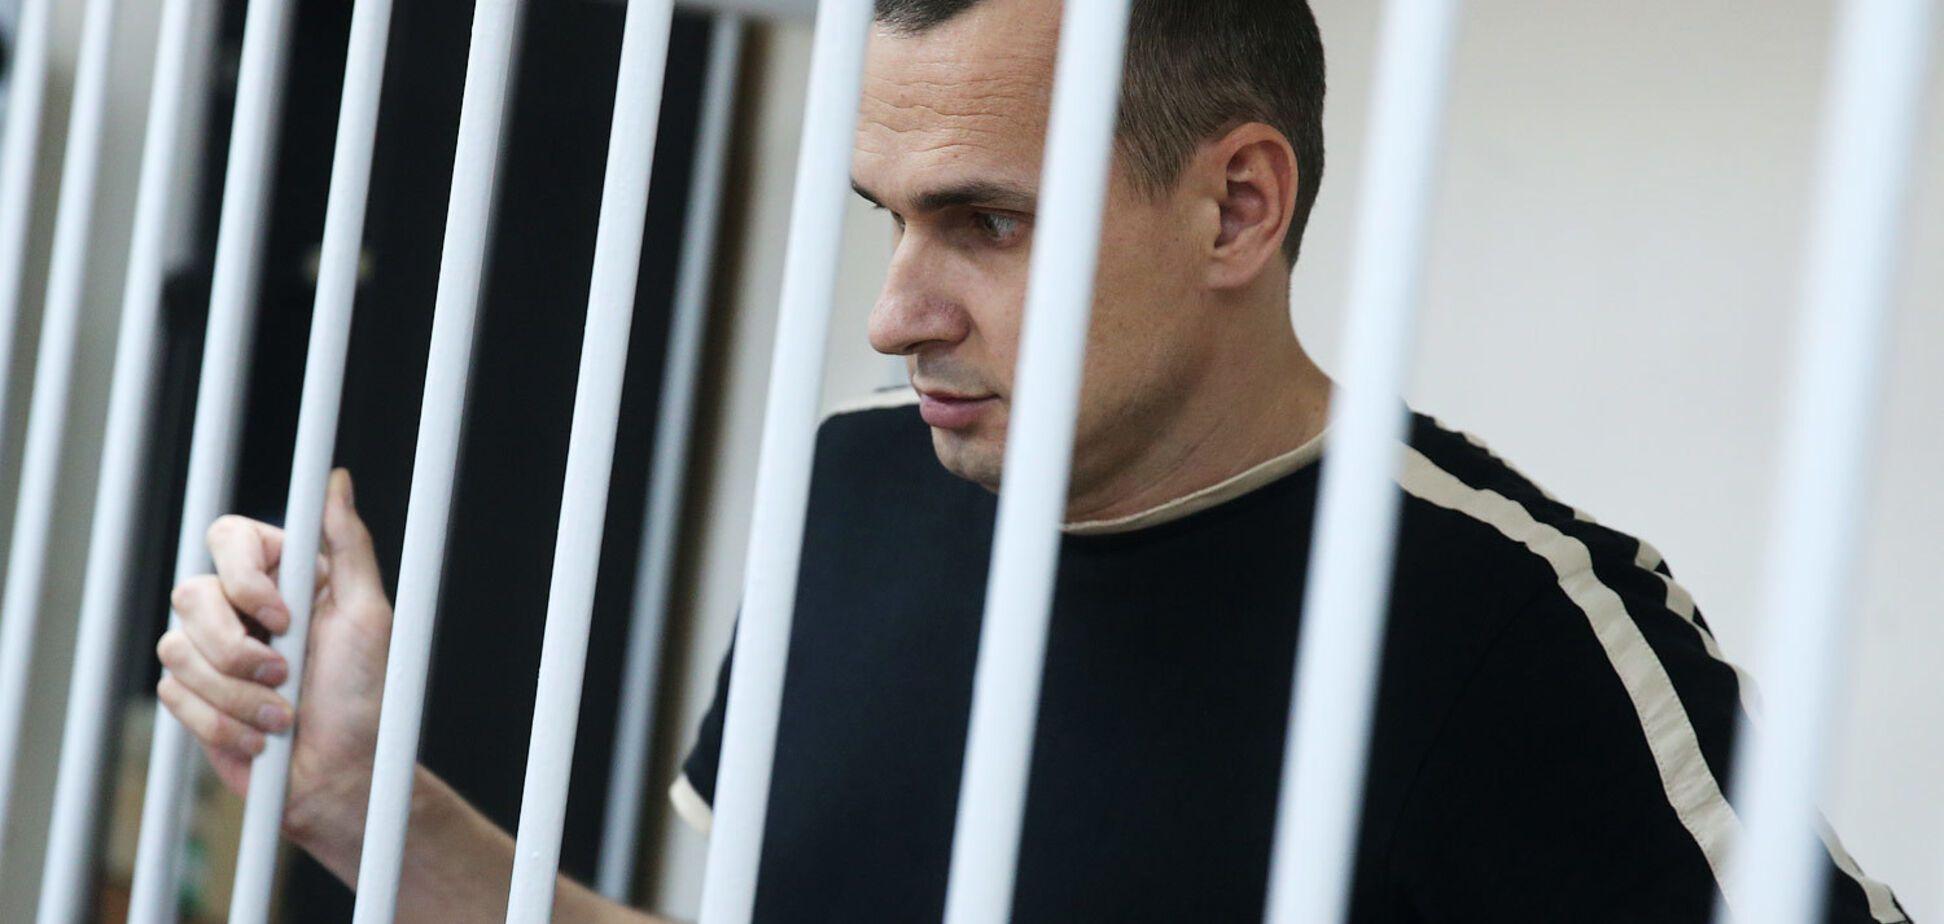 Этапировали из колонии: адвокат рассказал о судьбе Сенцова